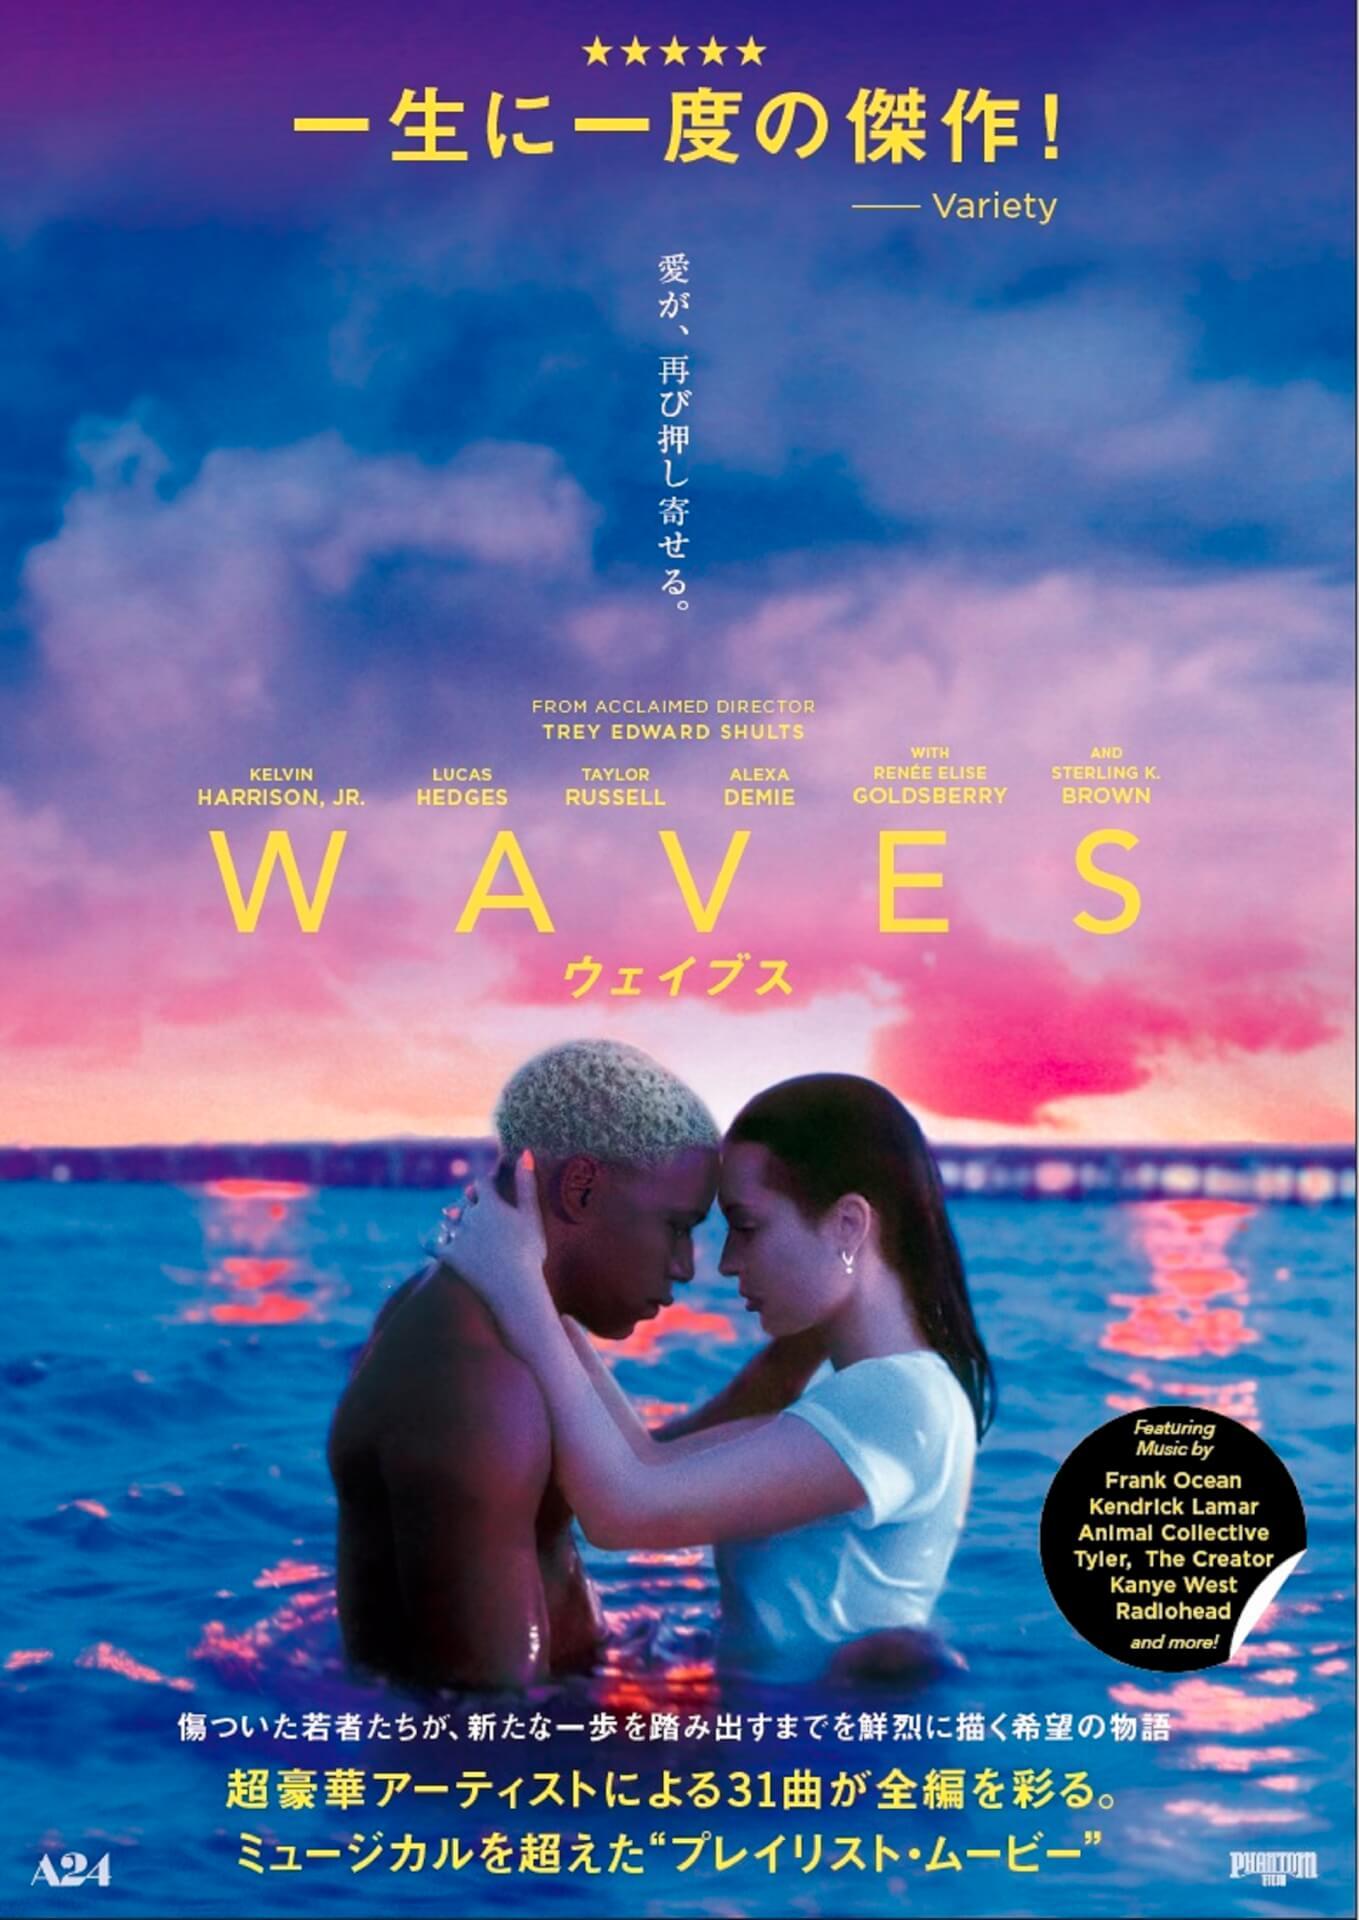 疾走感あふれる360°映像が心を洗い流す|A24最新作『WAVES/ウェイブス』冒頭シーンが解禁! film200323_waves_6